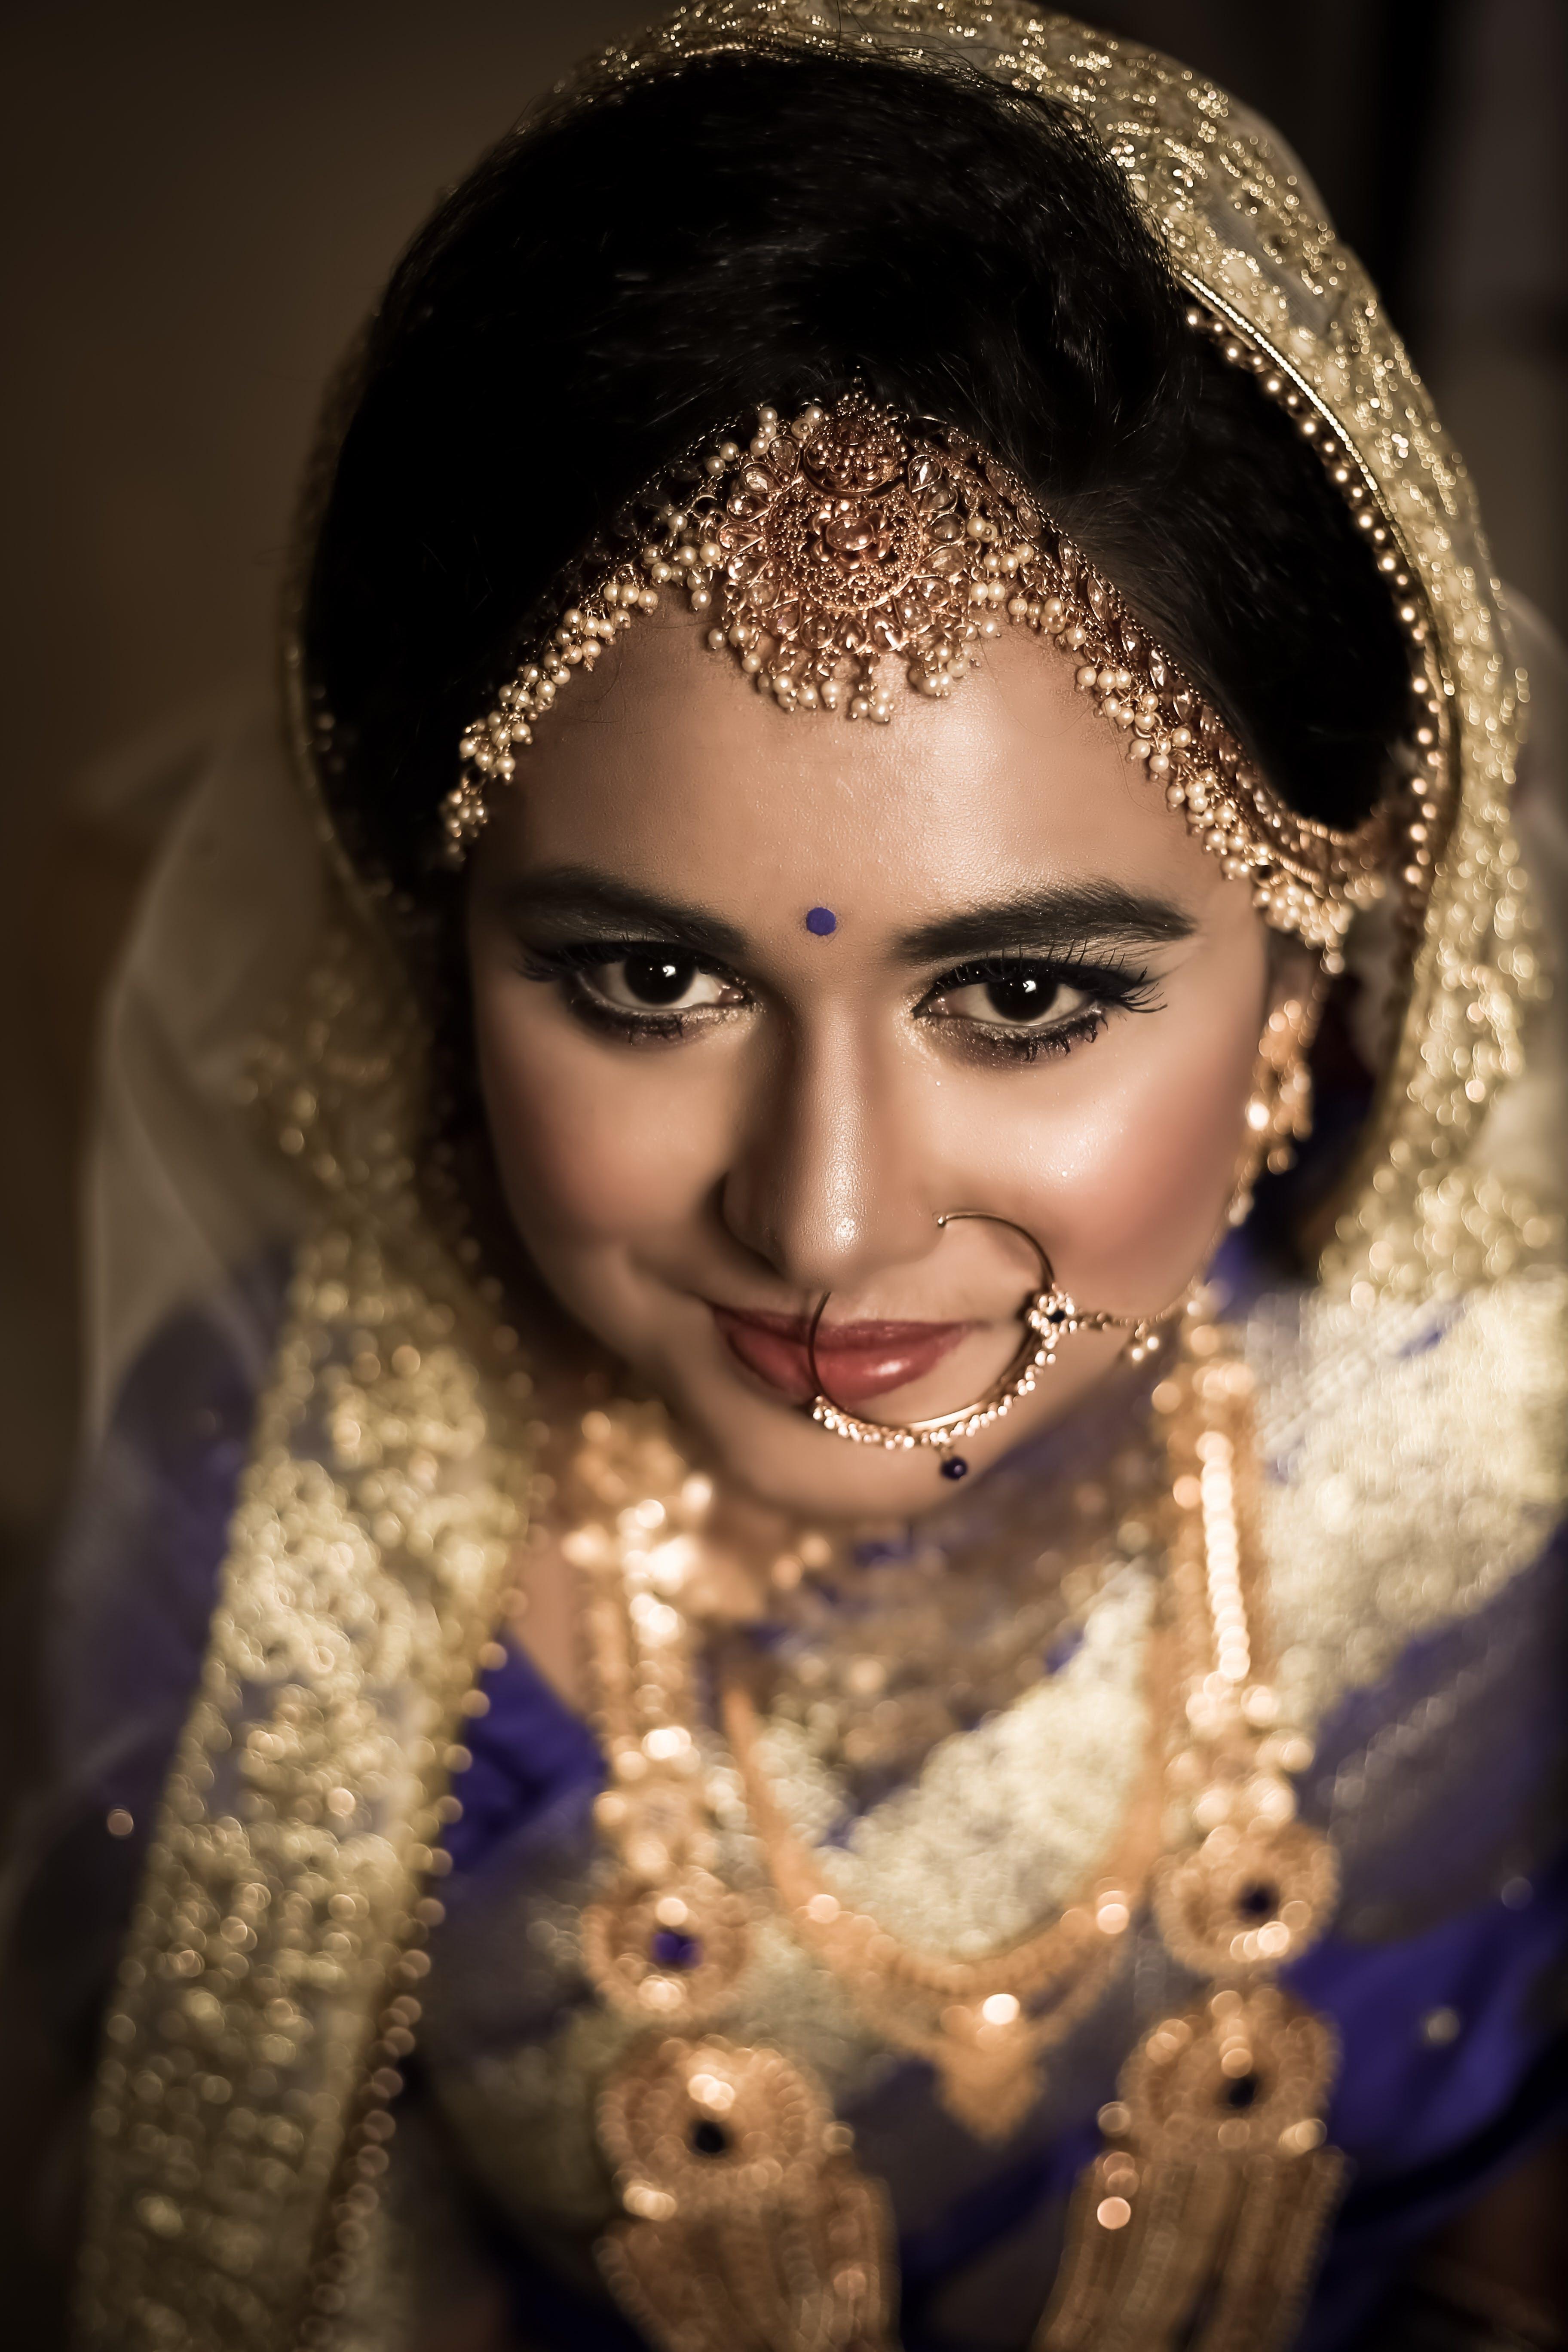 Základová fotografie zdarma na téma krásné oči, svatební doplňky, usměvavá žena, zaměřit se na obličej